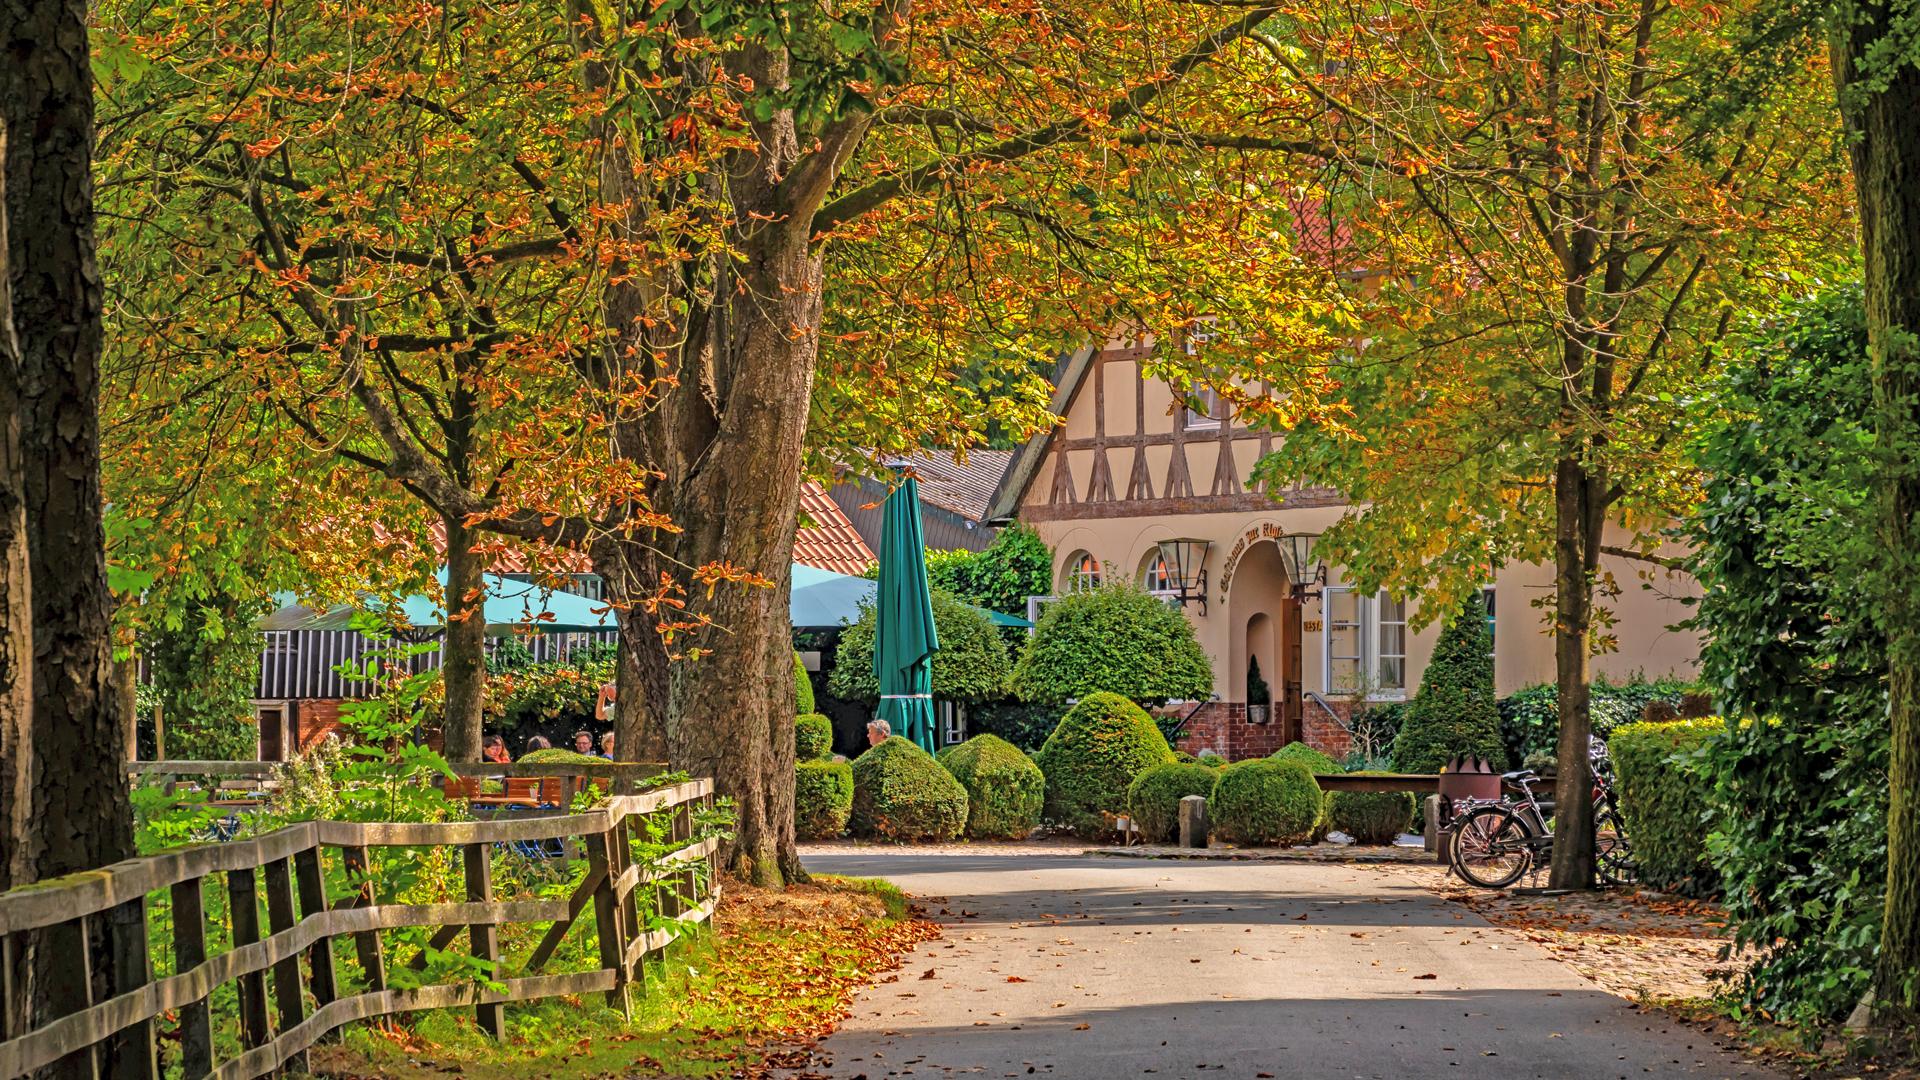 In Kuhmühlen liegt das Hotel Zur Kloster-Mühle ... ein Kleinod mit Qualität